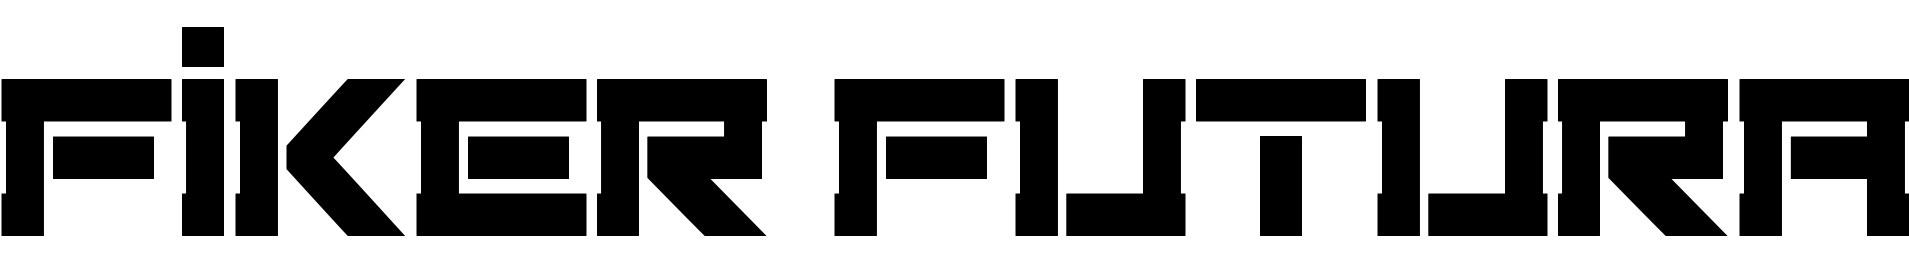 Fiker Futura